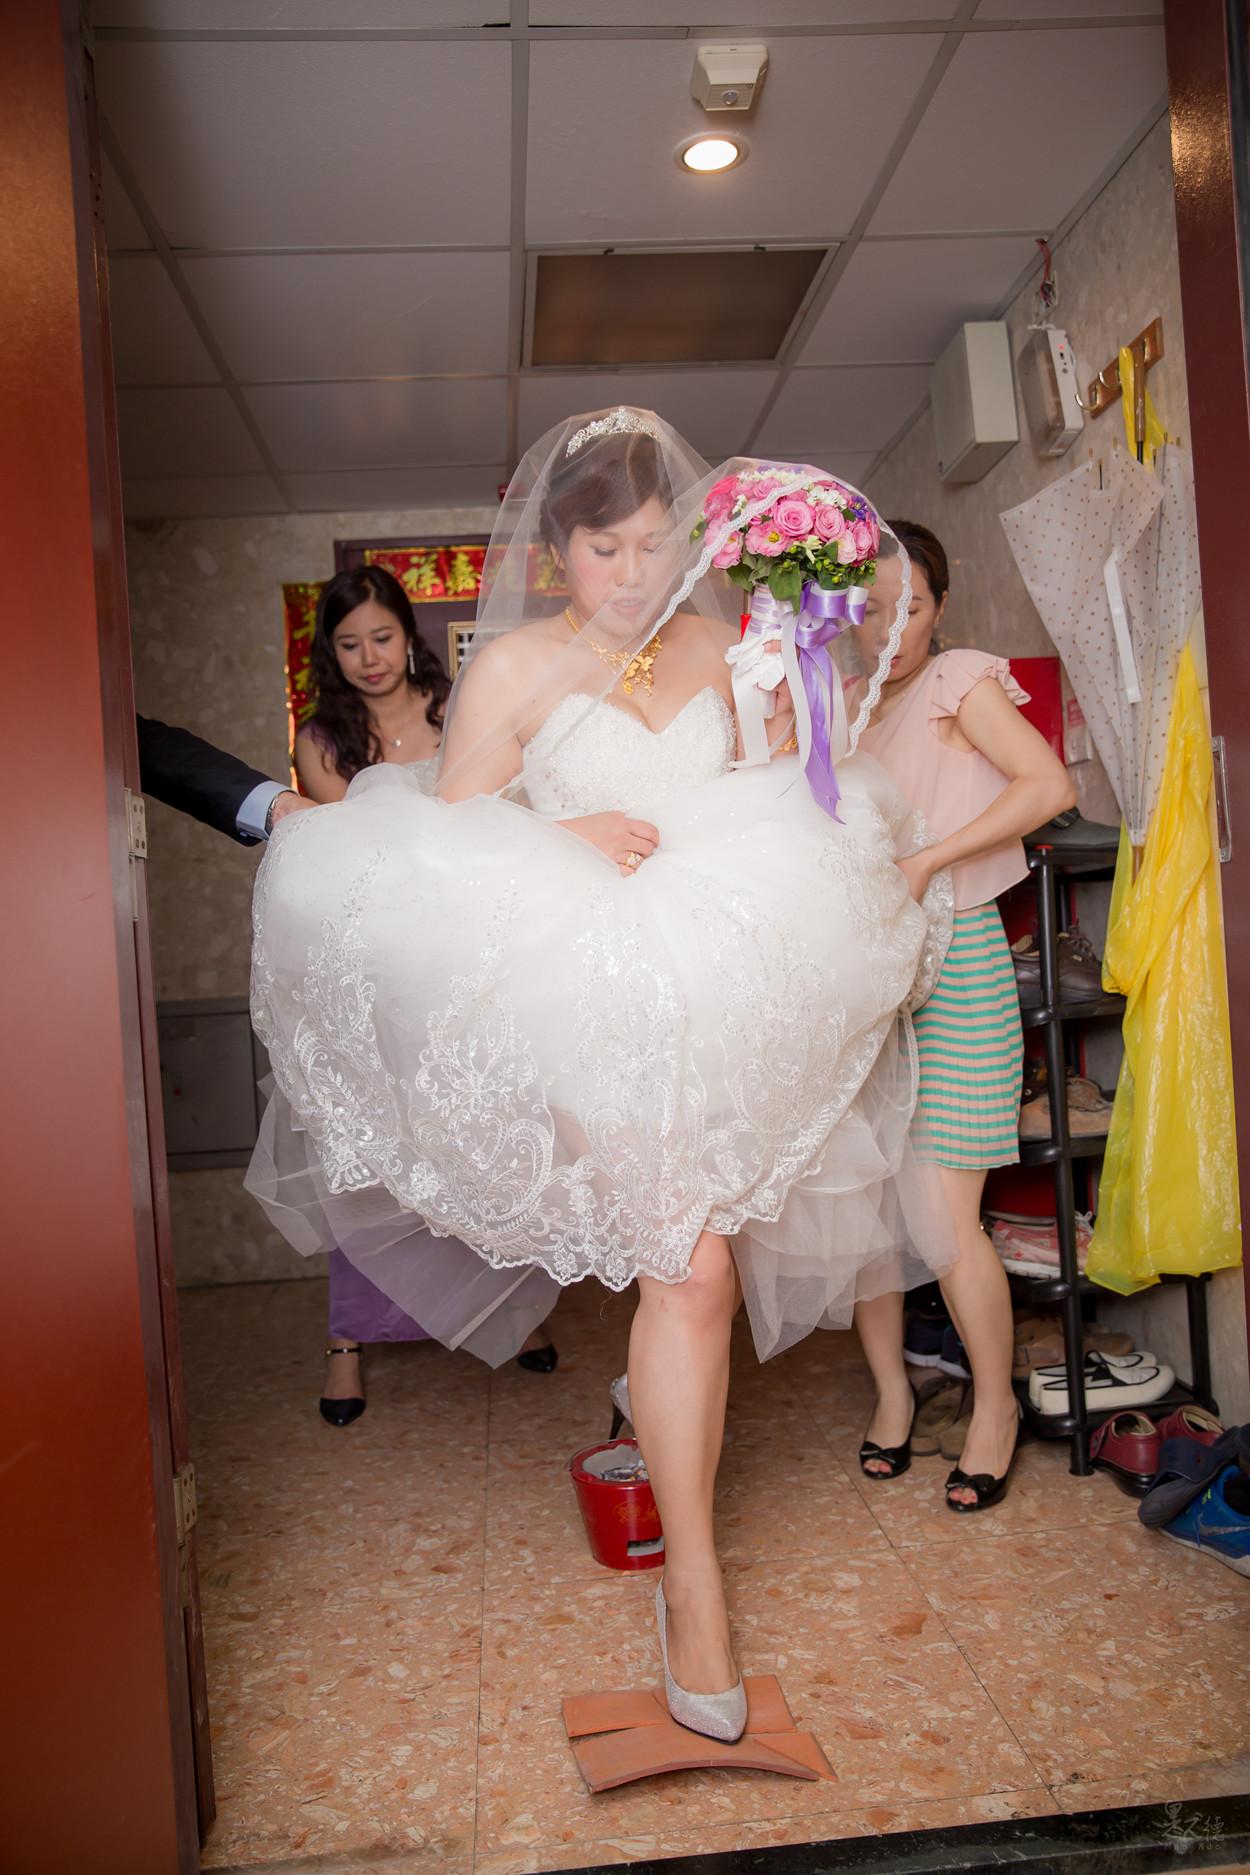 桃園婚攝推薦,皇帝嶺婚禮